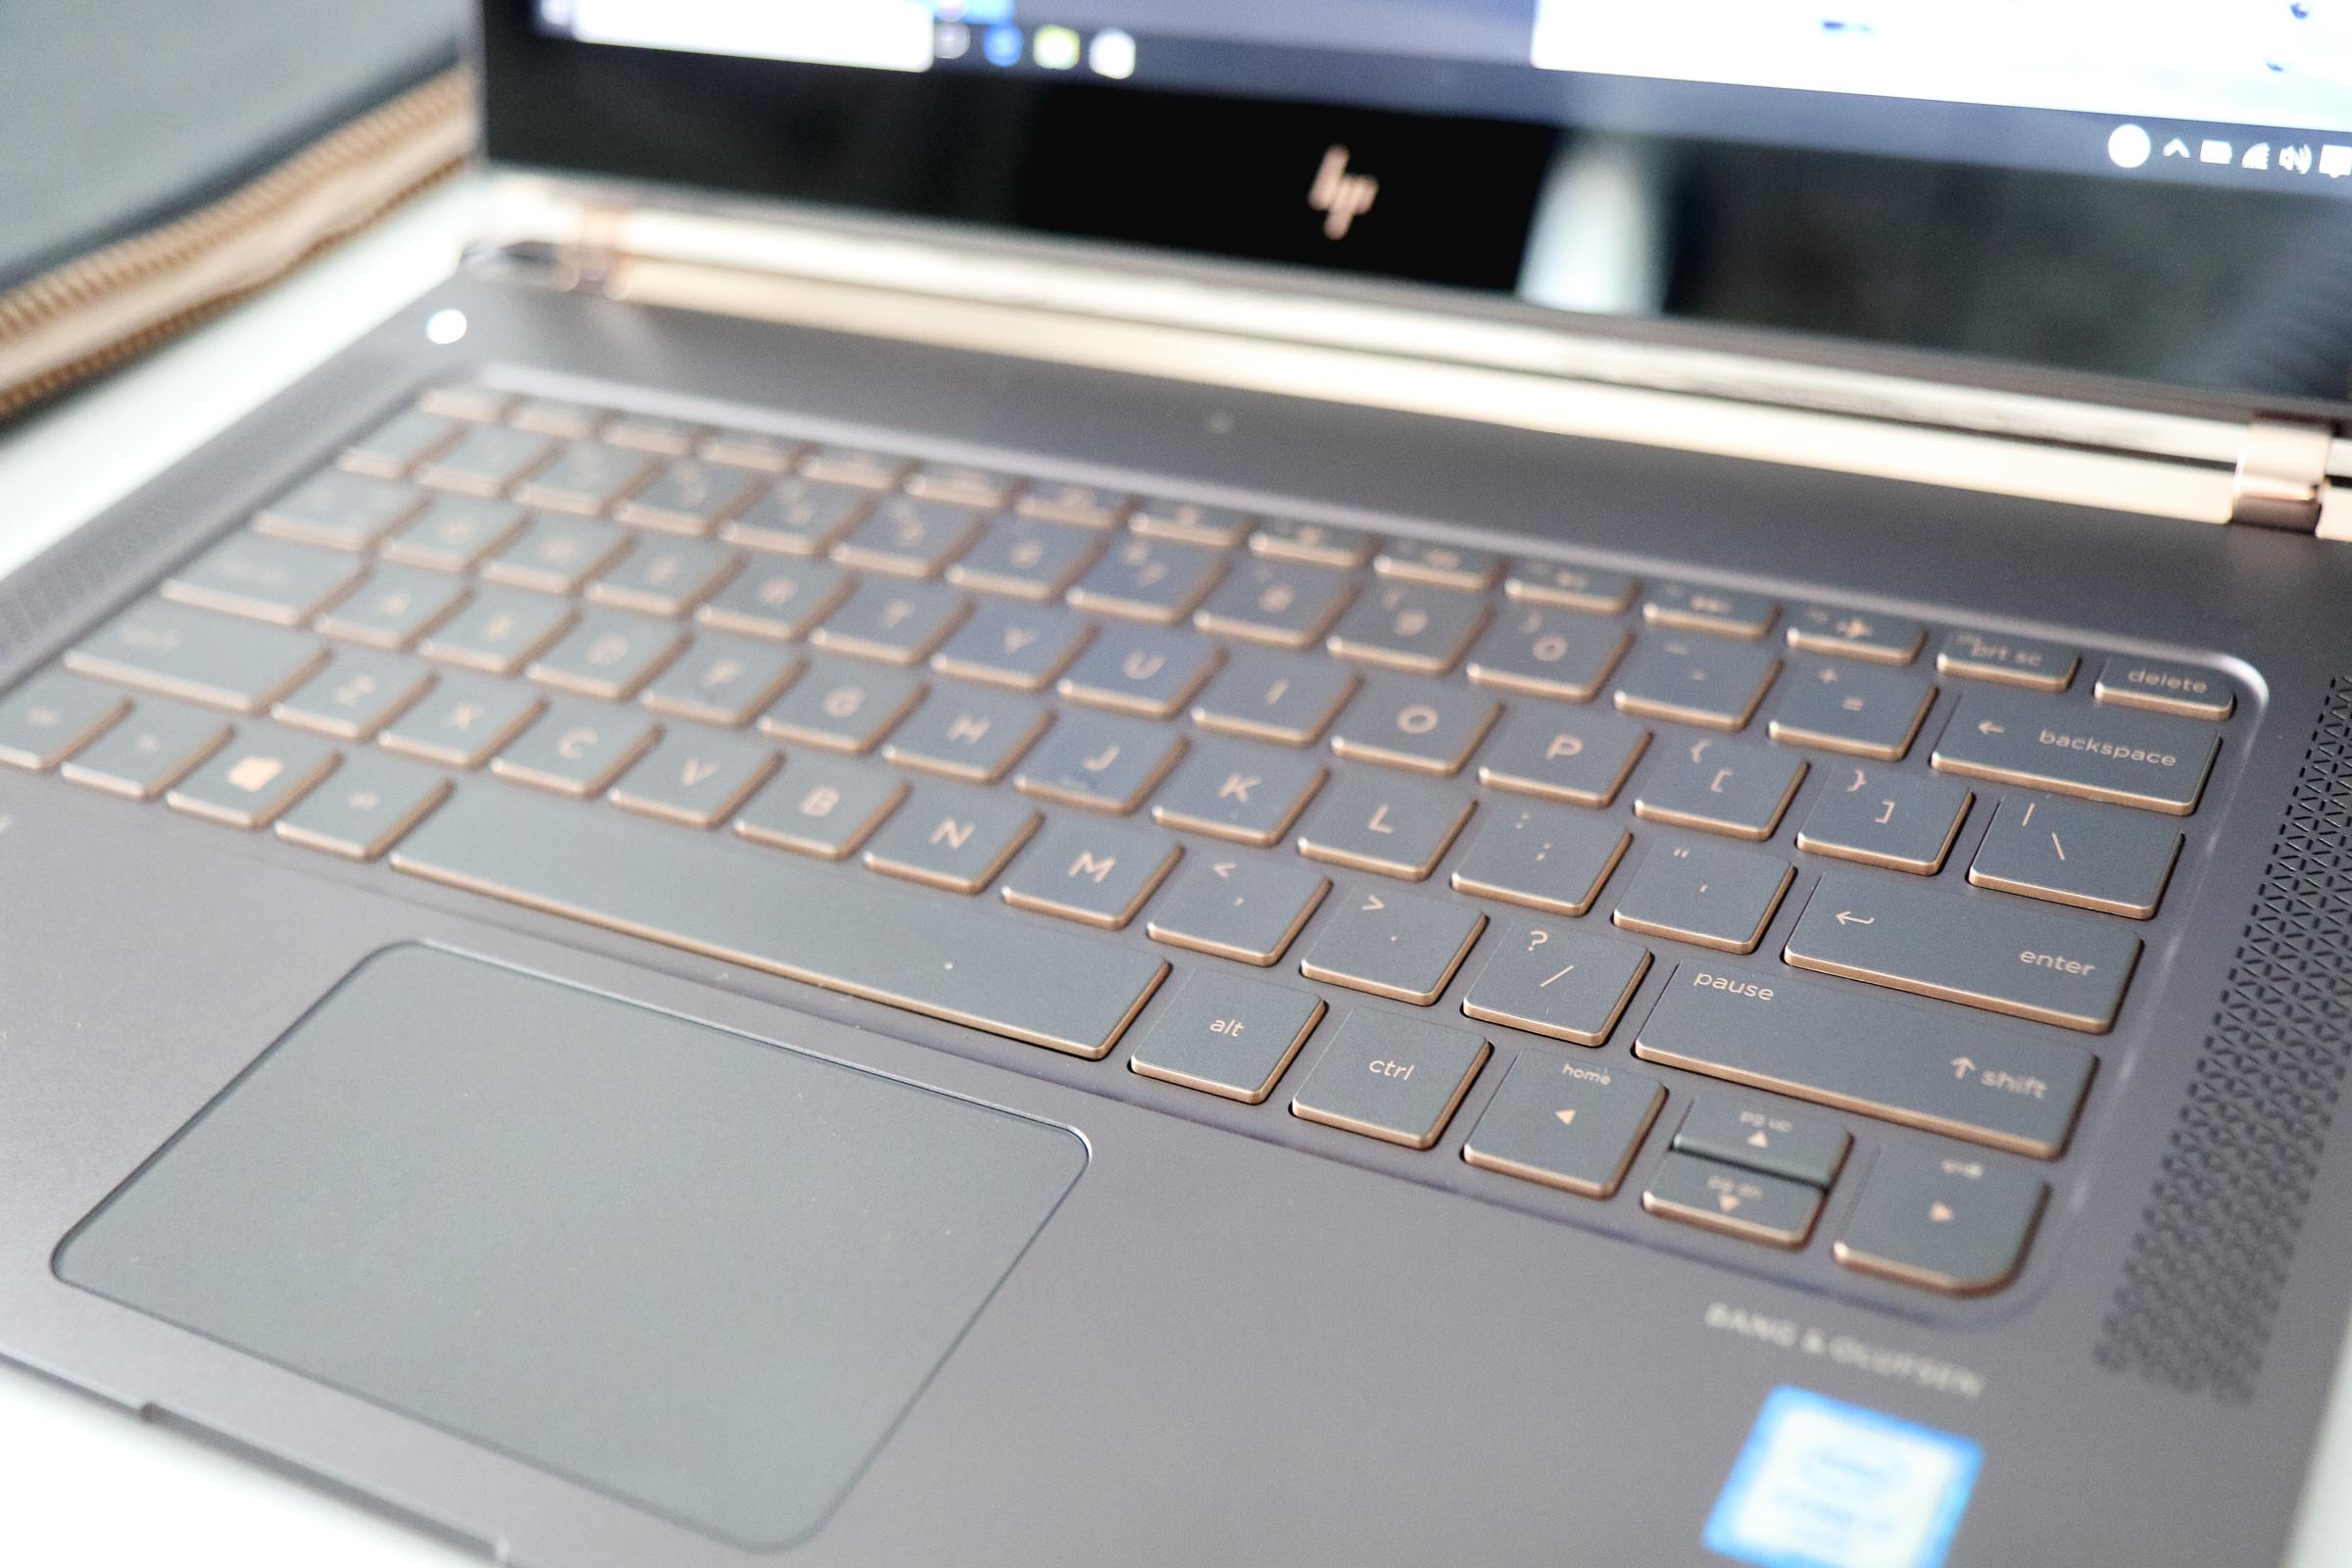 HP Spectre laptop details